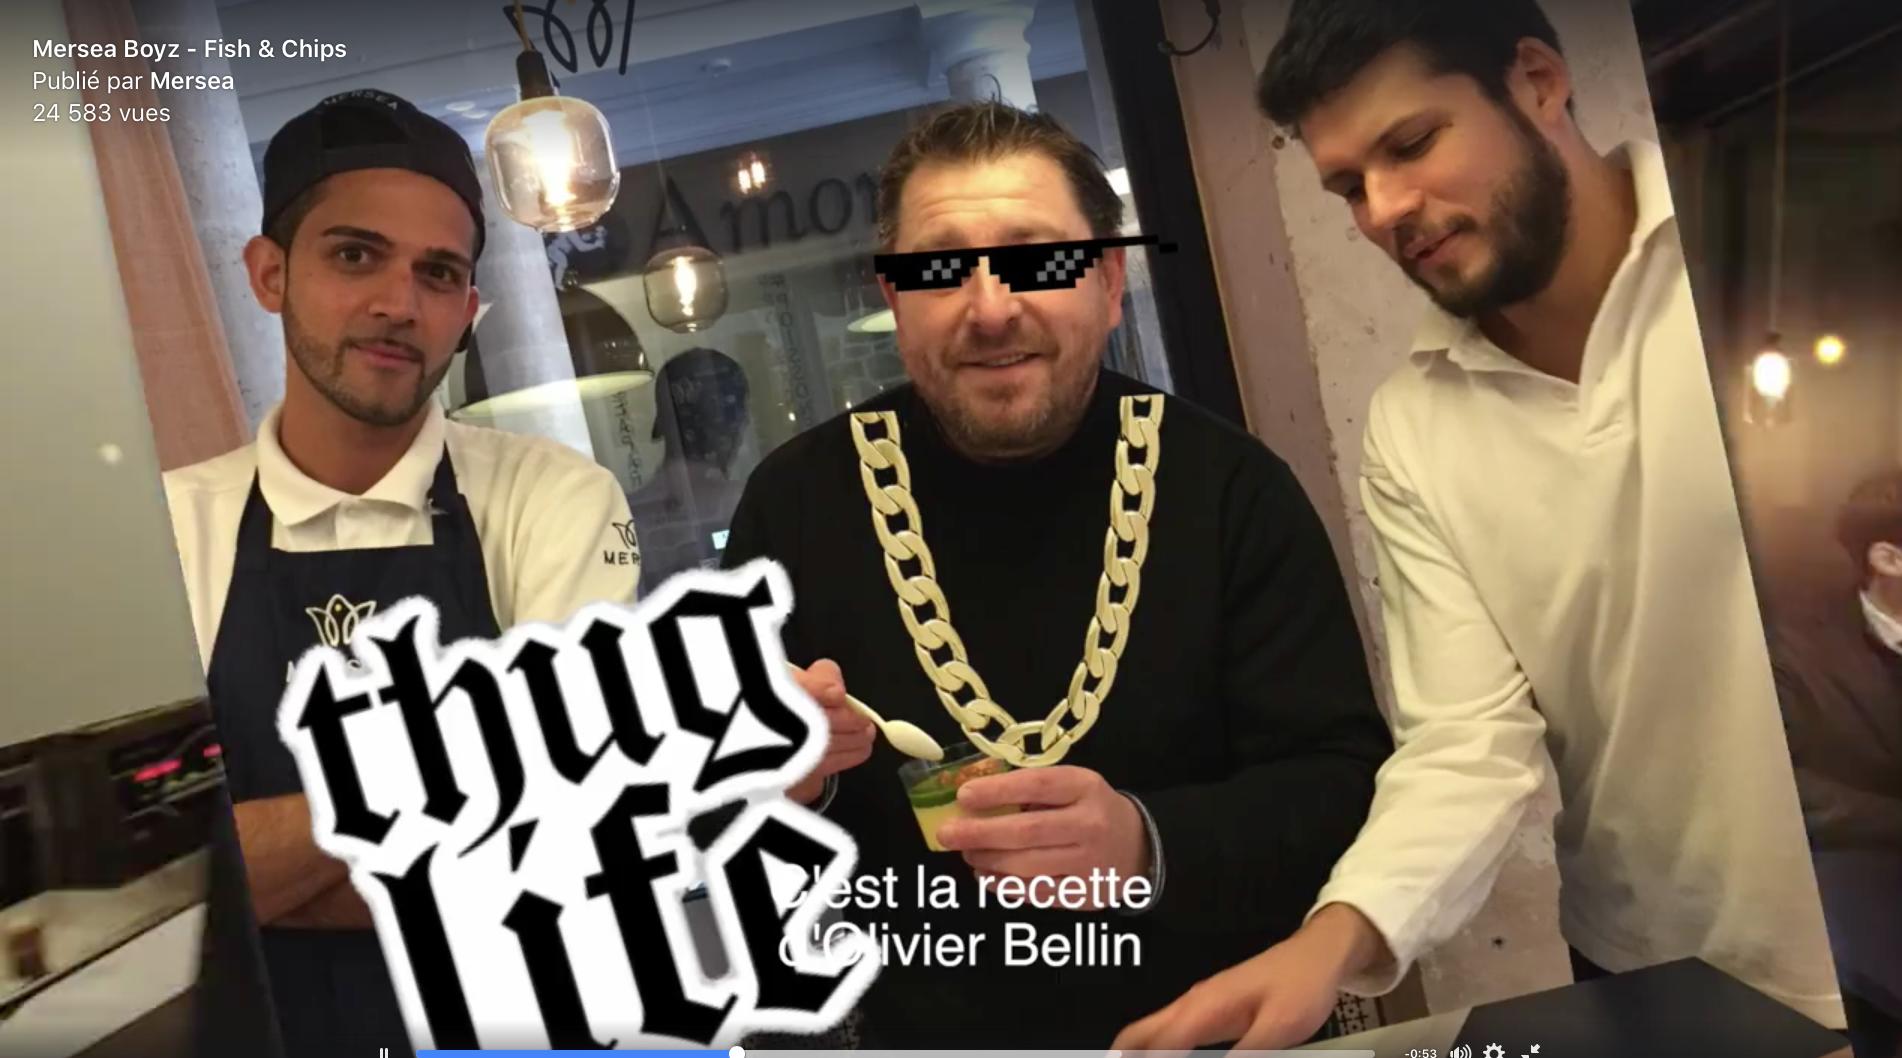 Un clip de rap pour faire découvrir Mersea le street food d'olivier Bellin !